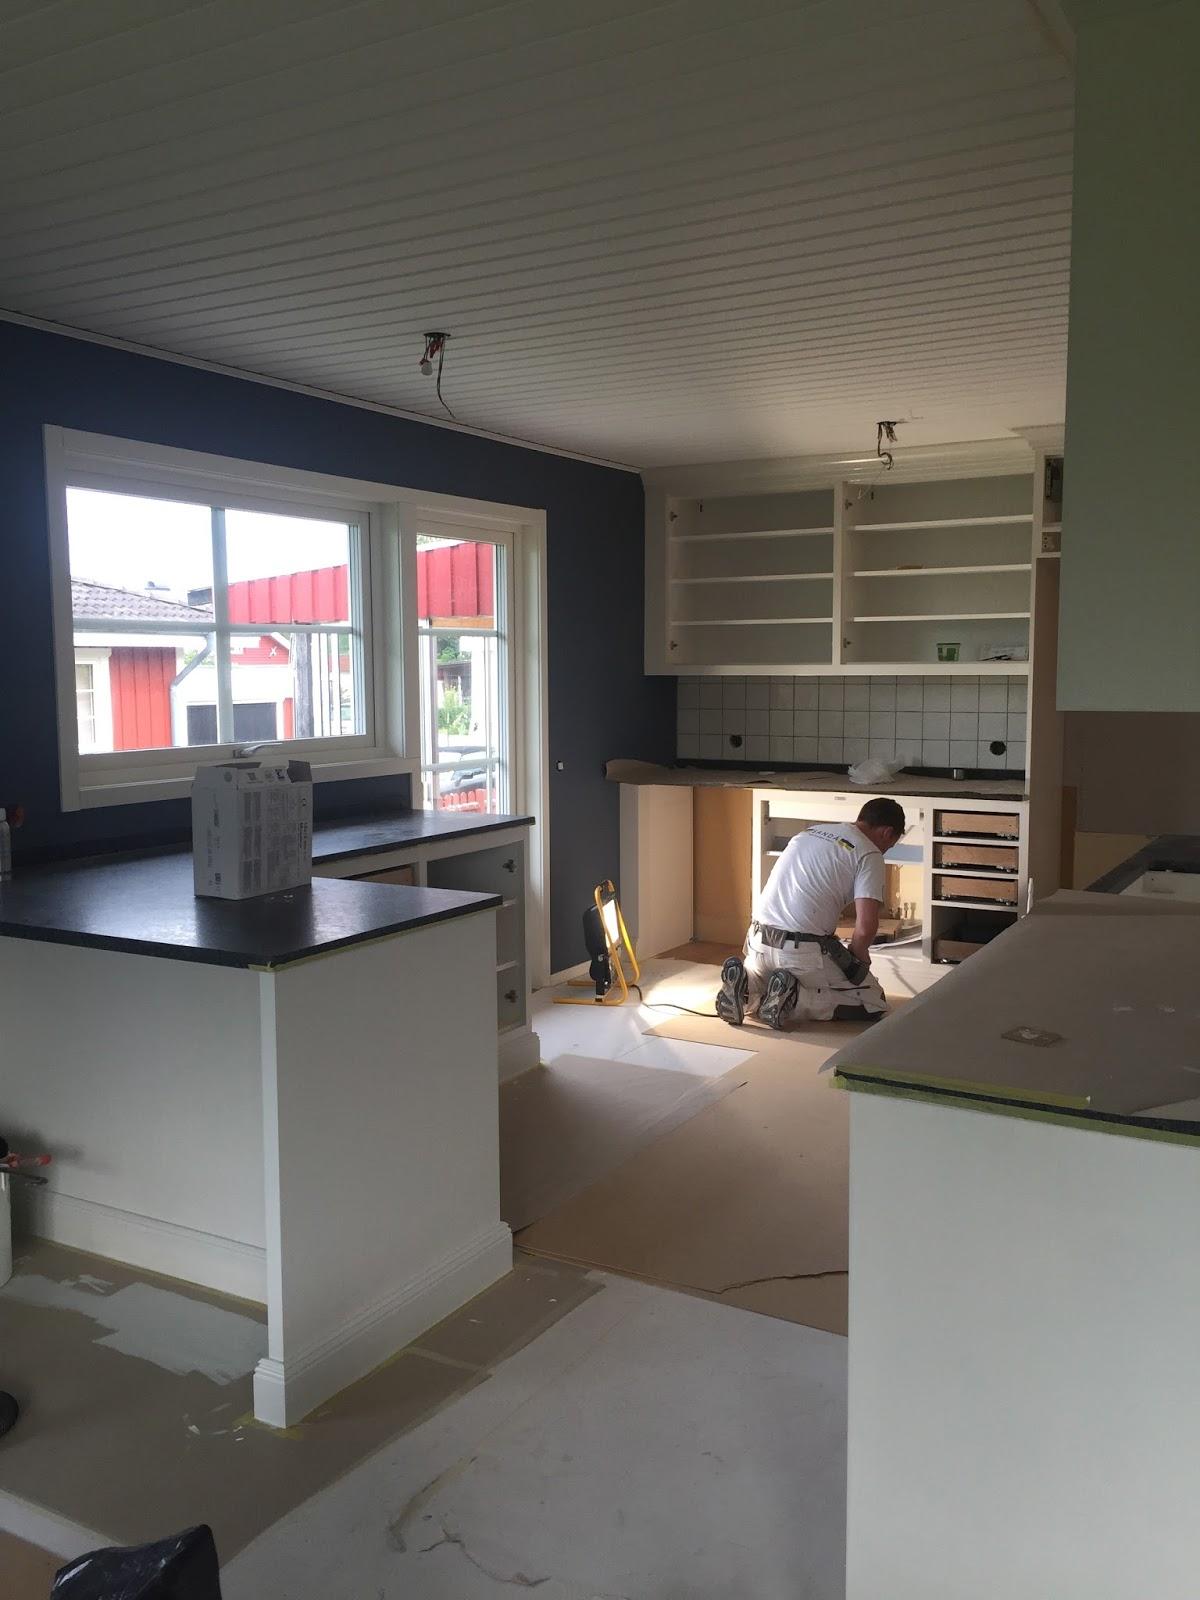 Pernillas rum: att från ett helt tomt utrivet kök se ett nytt växa ...